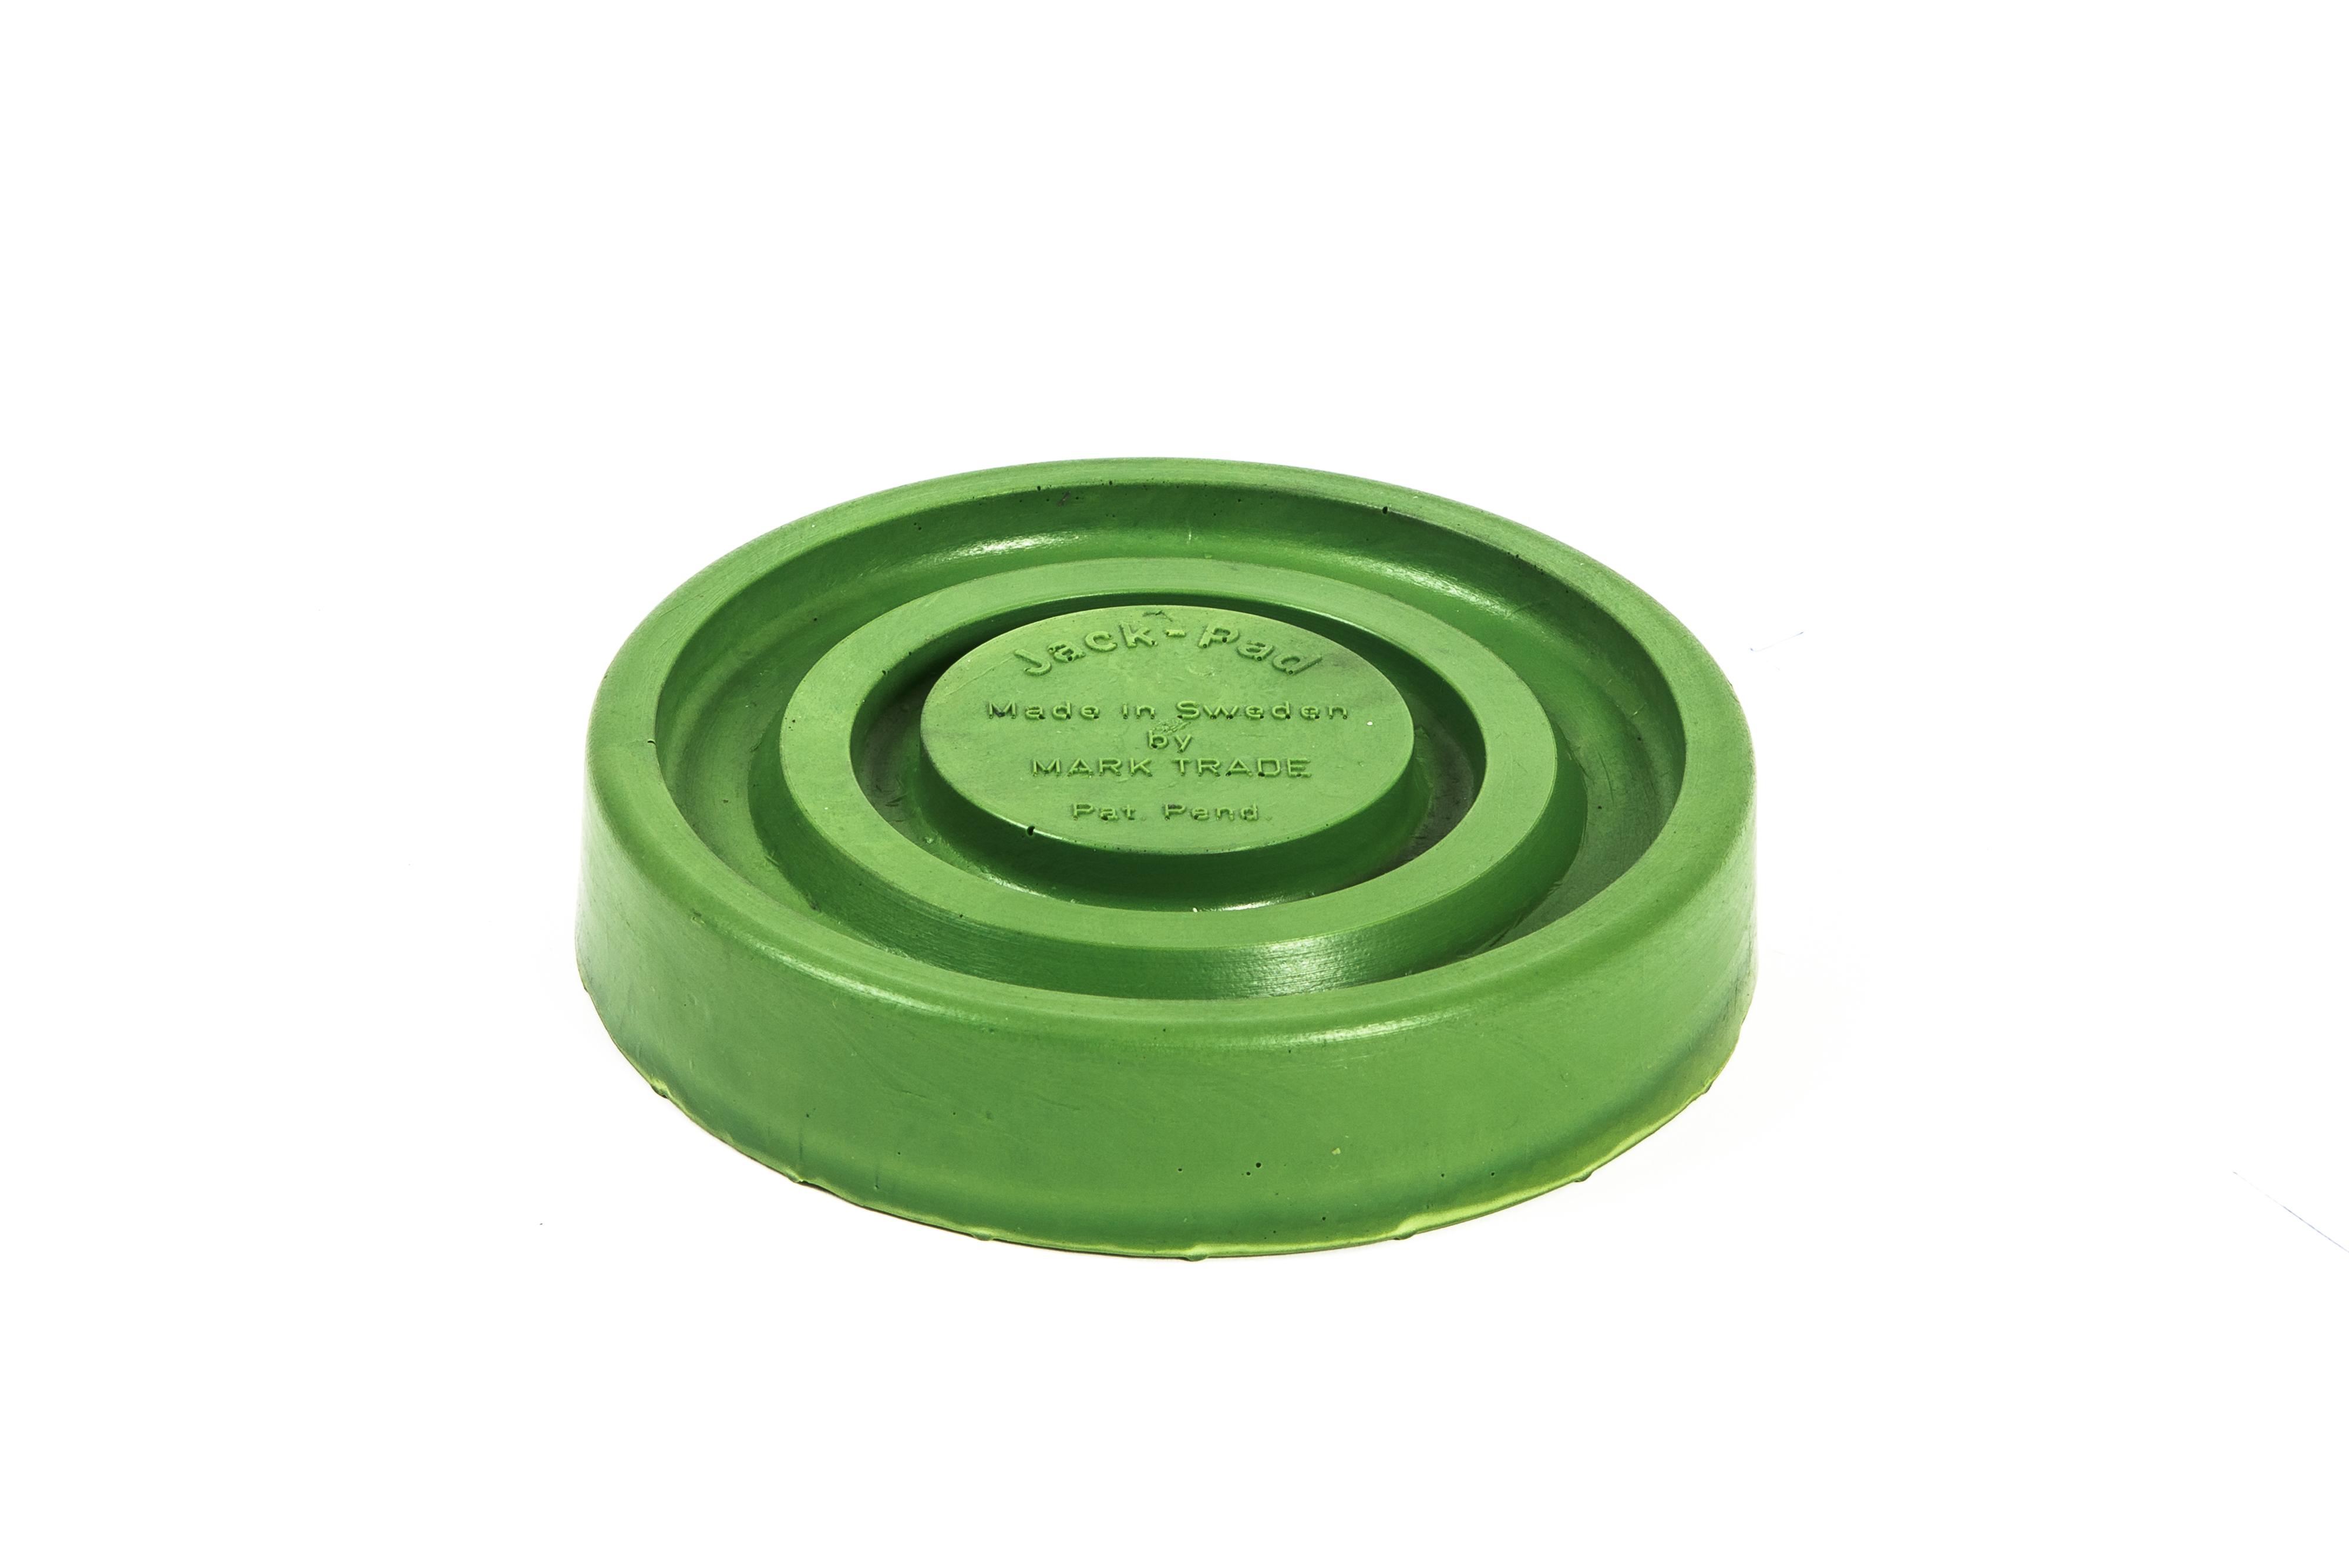 Jack Pad 170 Liftpad Greenline